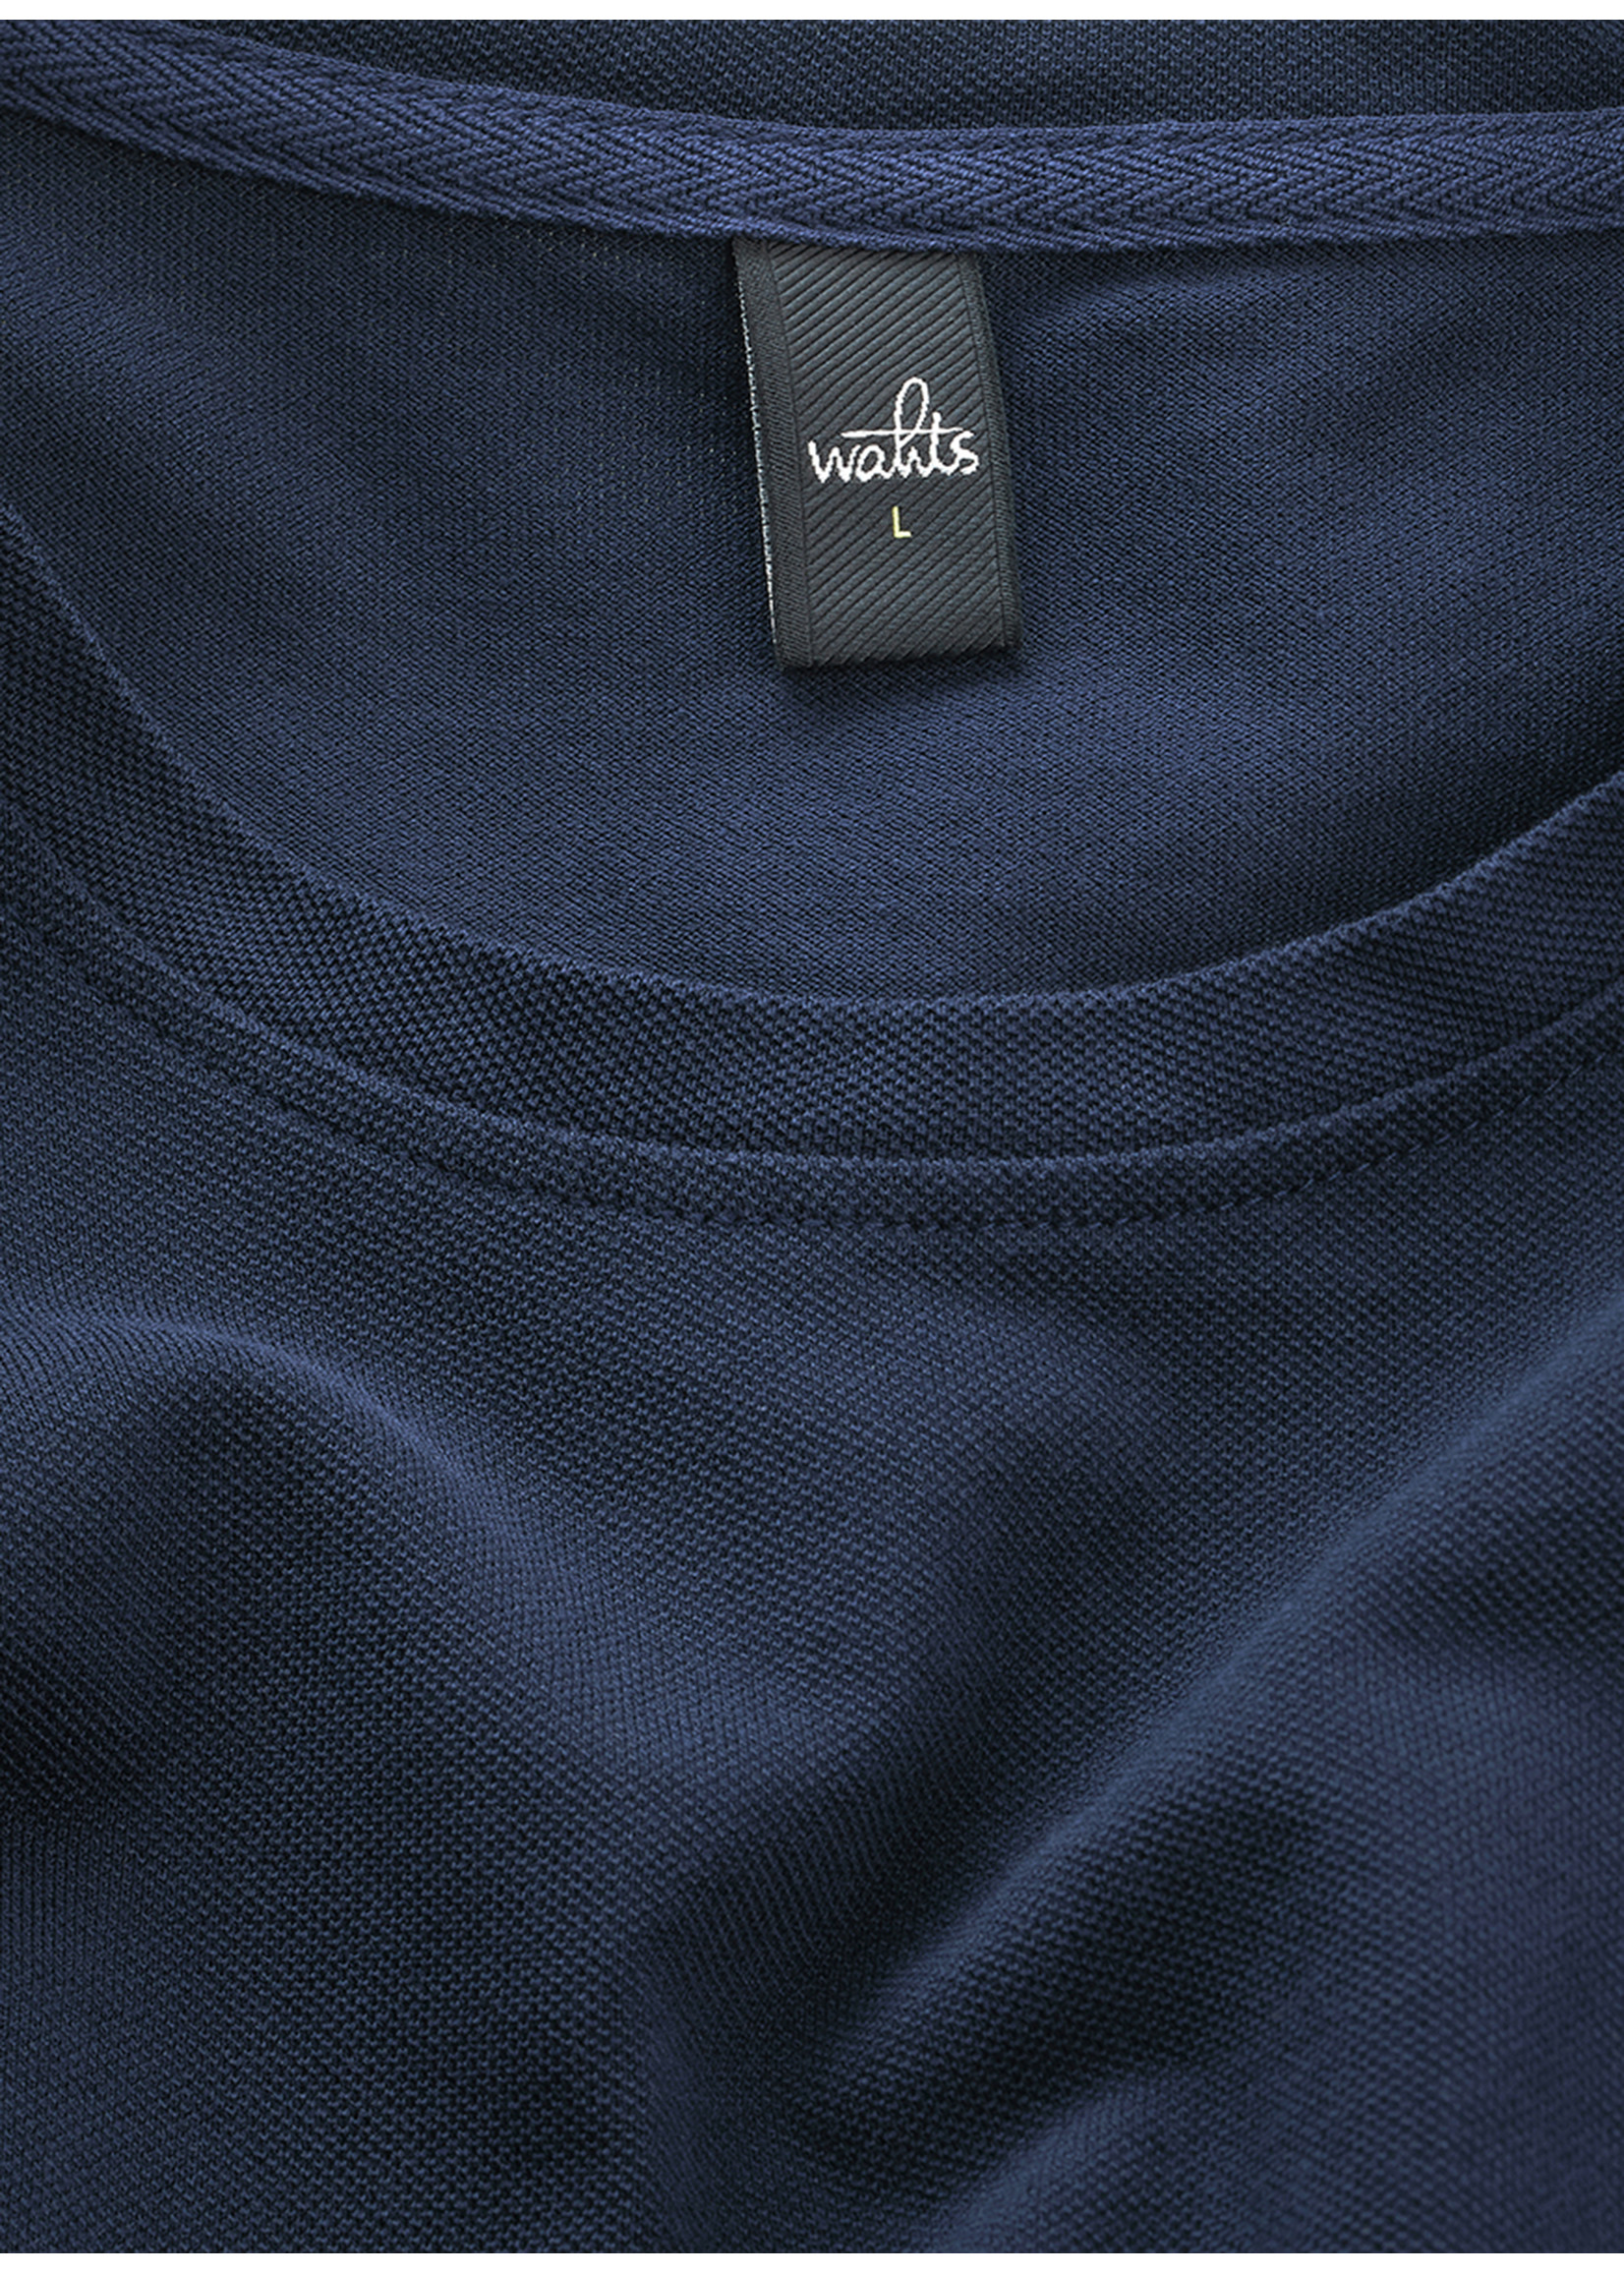 Wahts Dean piqué crew neck t-shirt navy blue